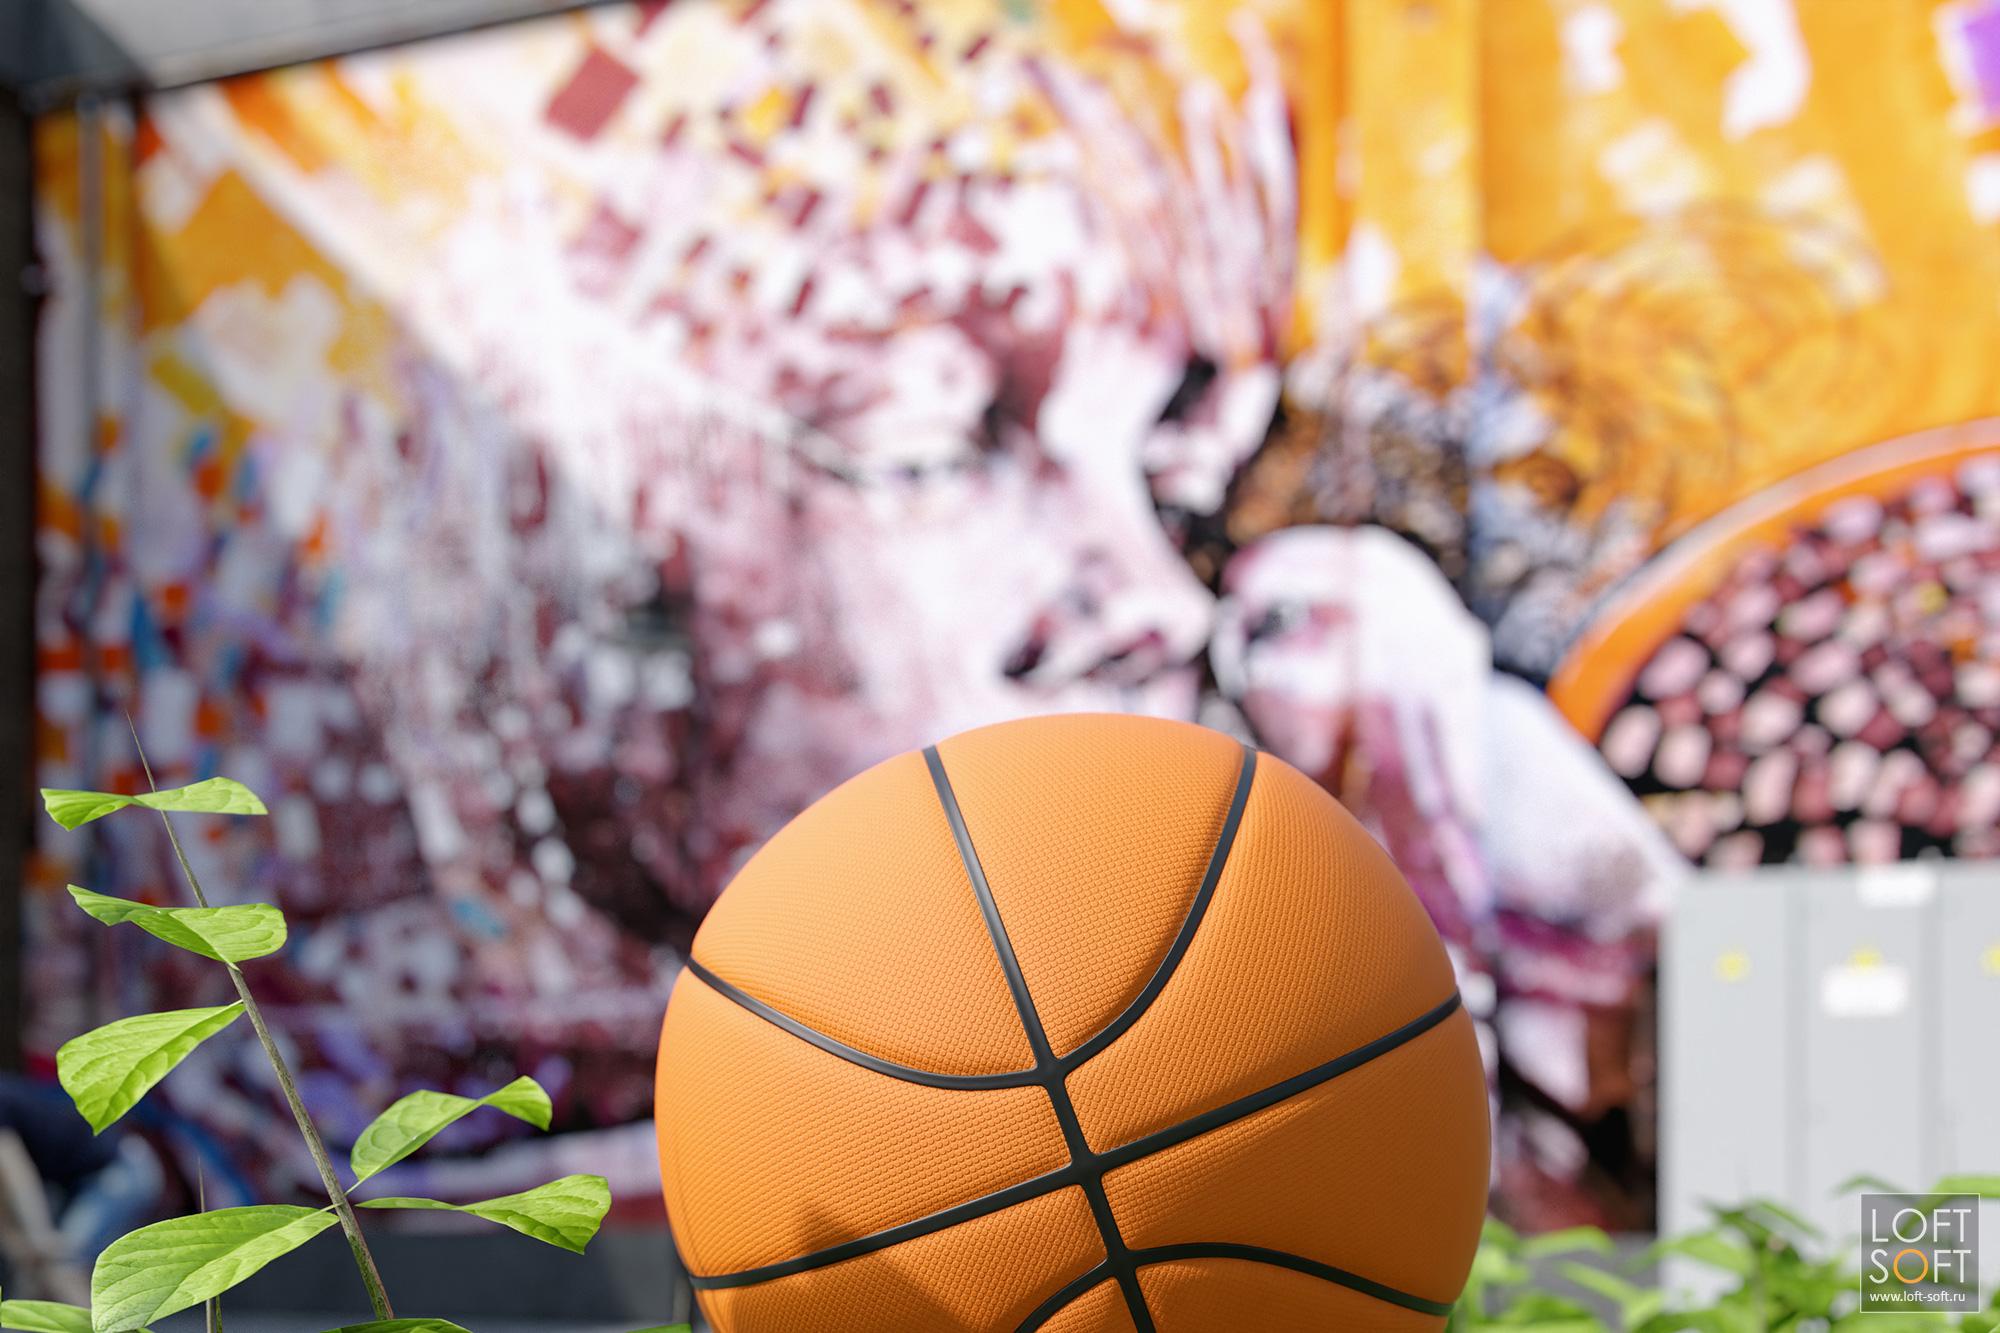 Баскетбольный мяч у спортивной площадки лофт-квартала